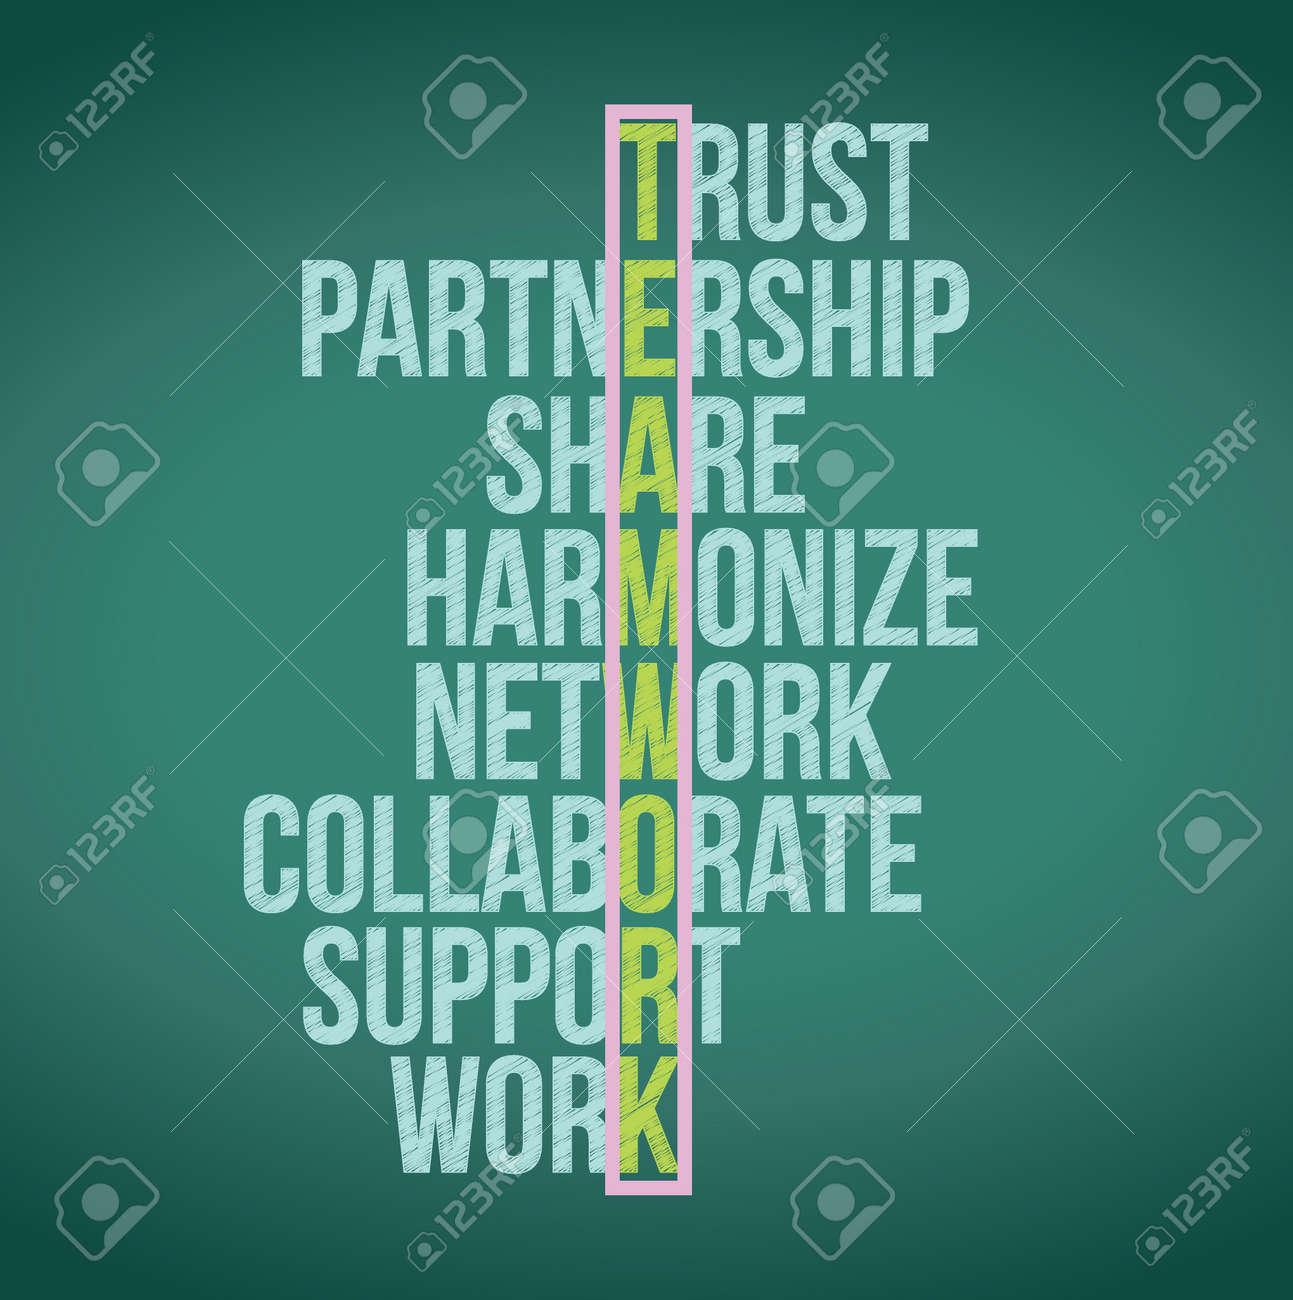 チームワーク概念クロスワード イラスト デザイン グラフィックの背景